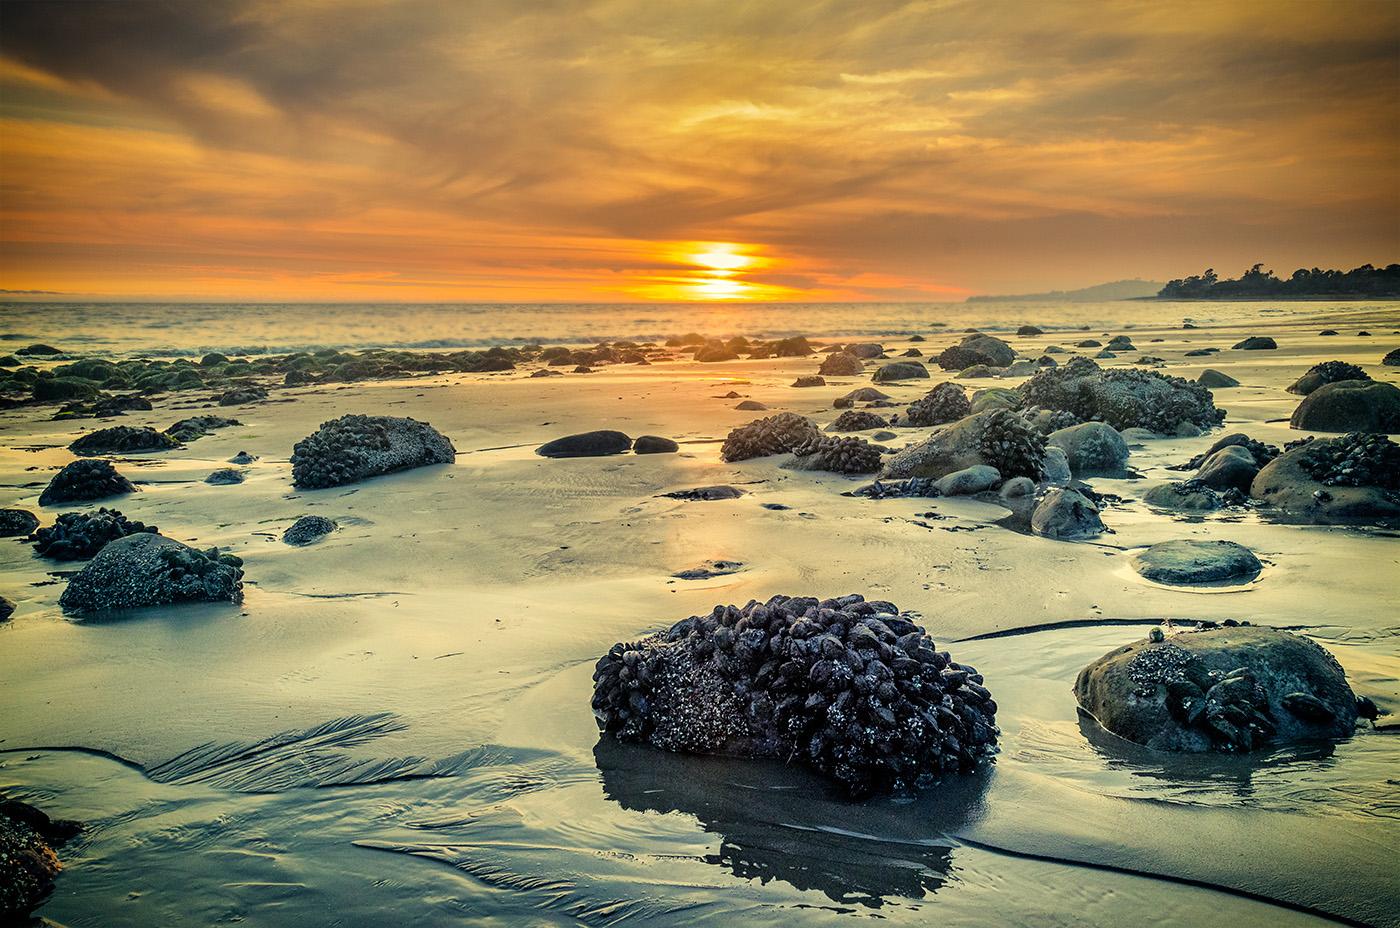 Miramar_Beach%%Nat%%Ken_Pfeiffer.jpg